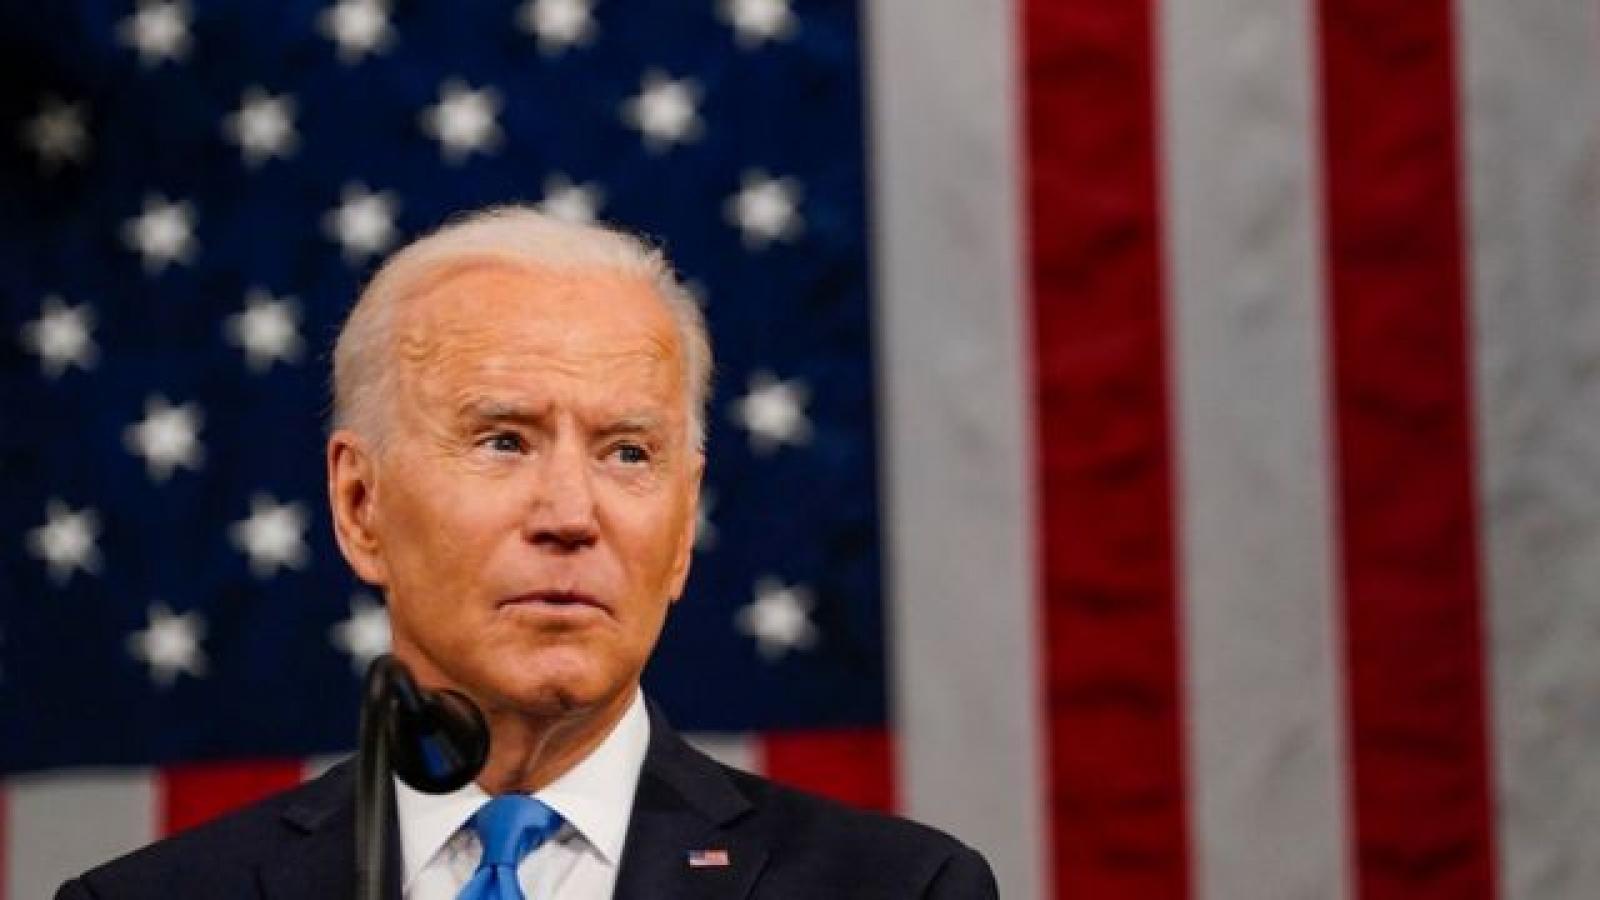 Tổng thống Mỹ Joe Biden không hối tiếc về quyết định rút quân khỏi Afghanistan